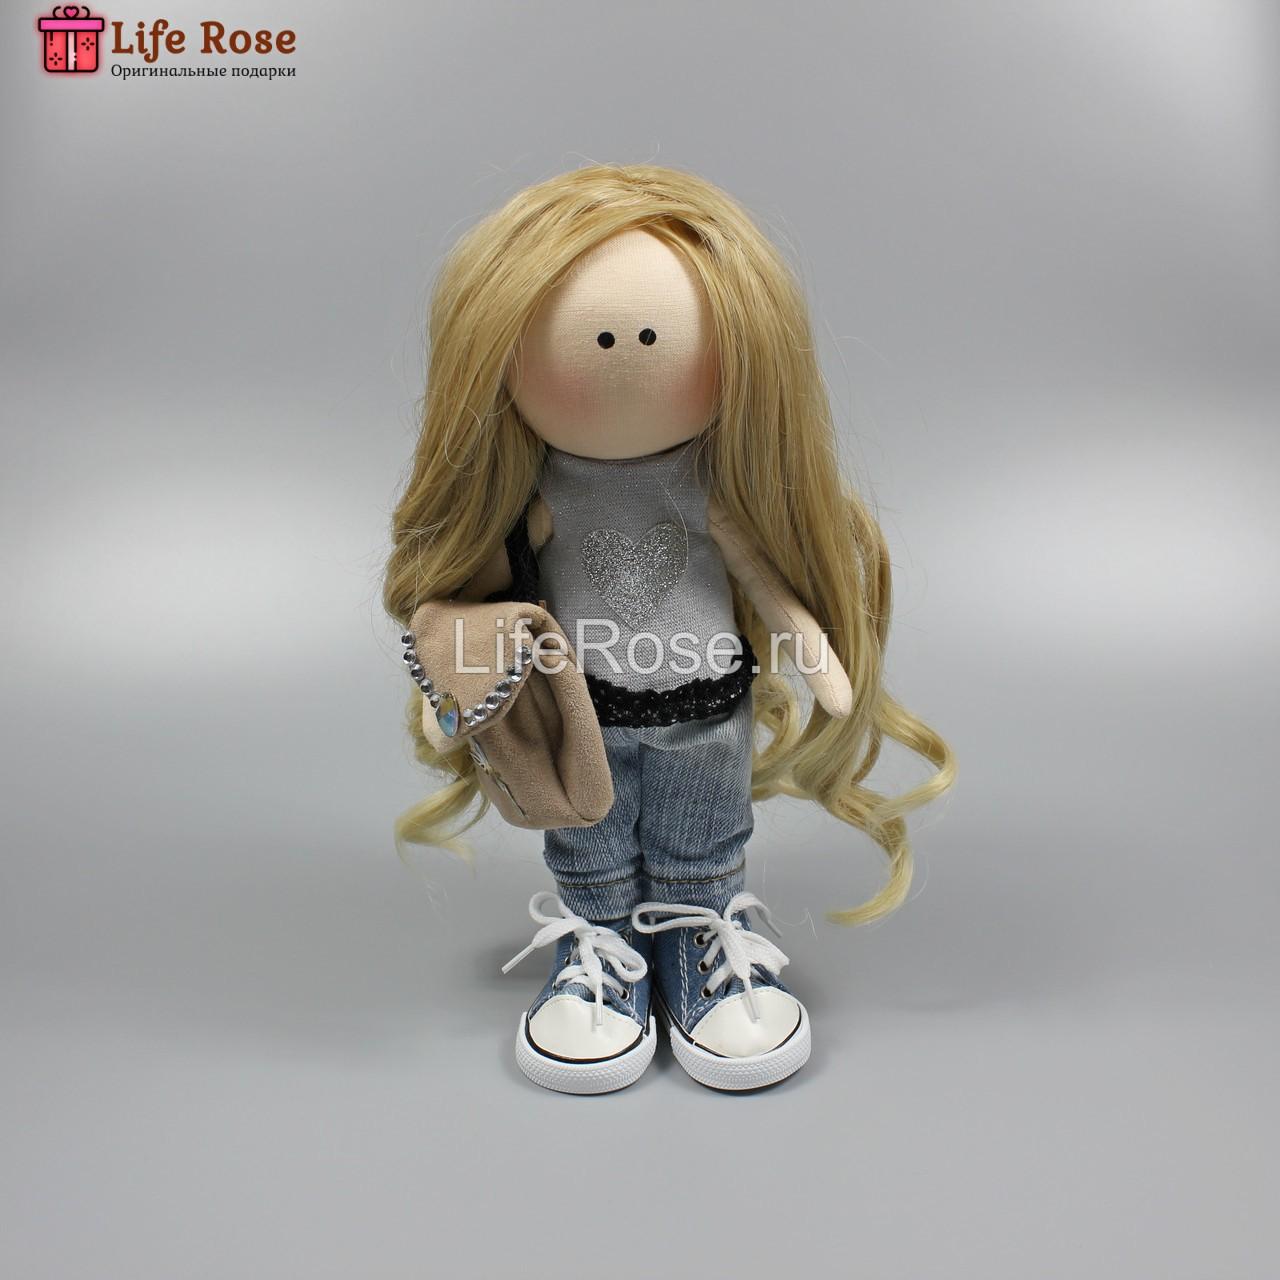 Кукла ручной работы Роза